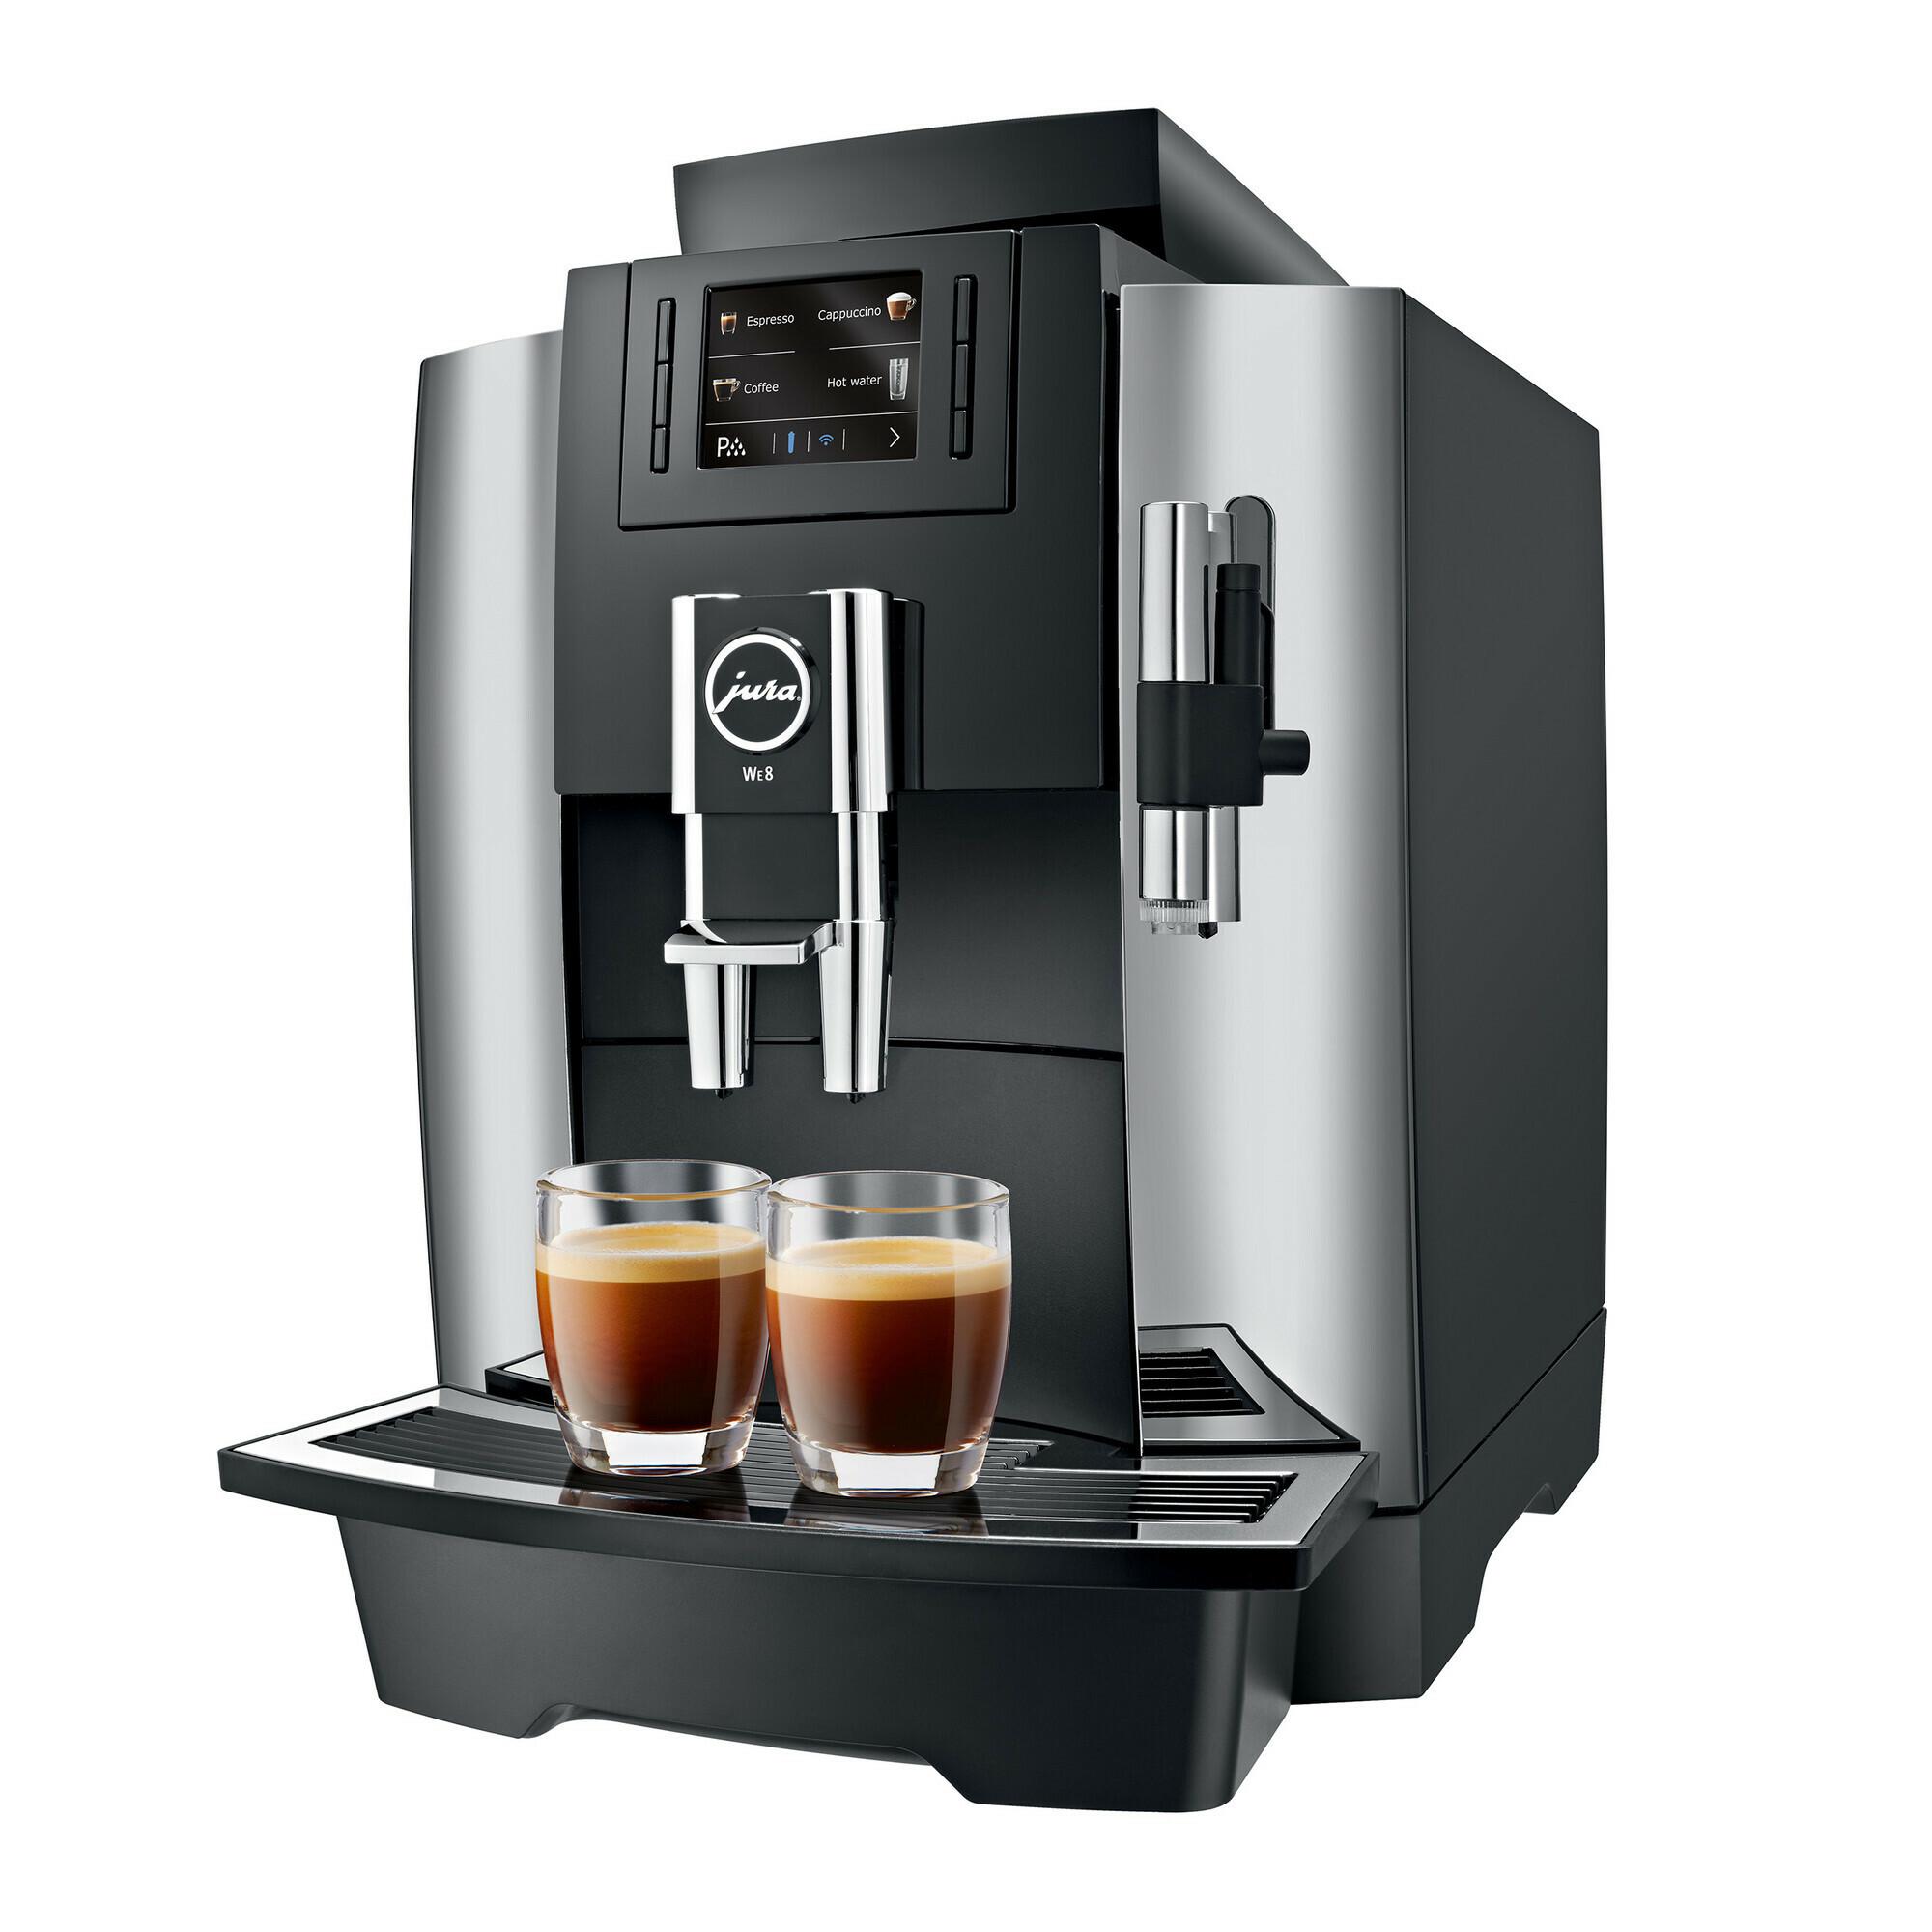 JURA WE8 Chroom koffiemachine